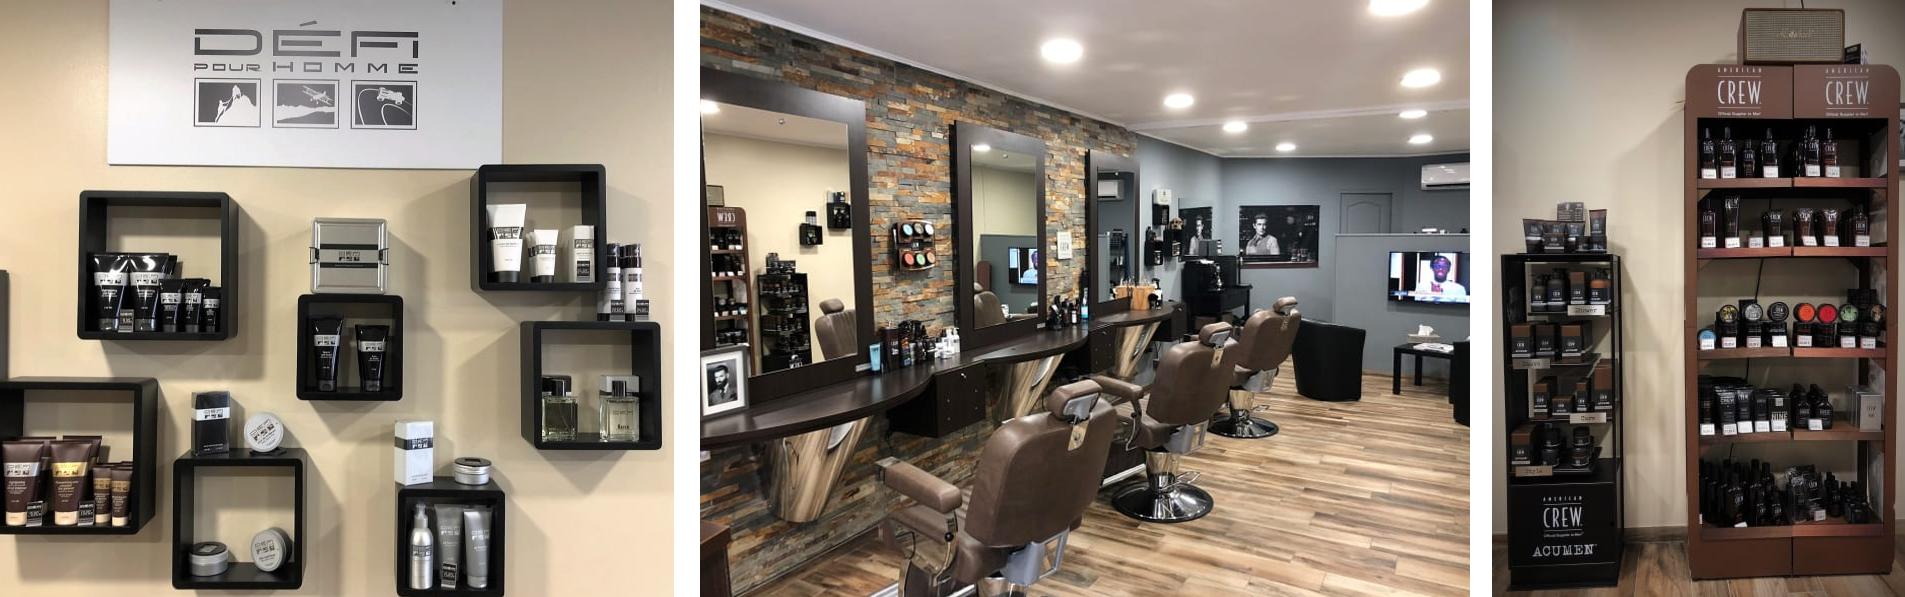 image barber